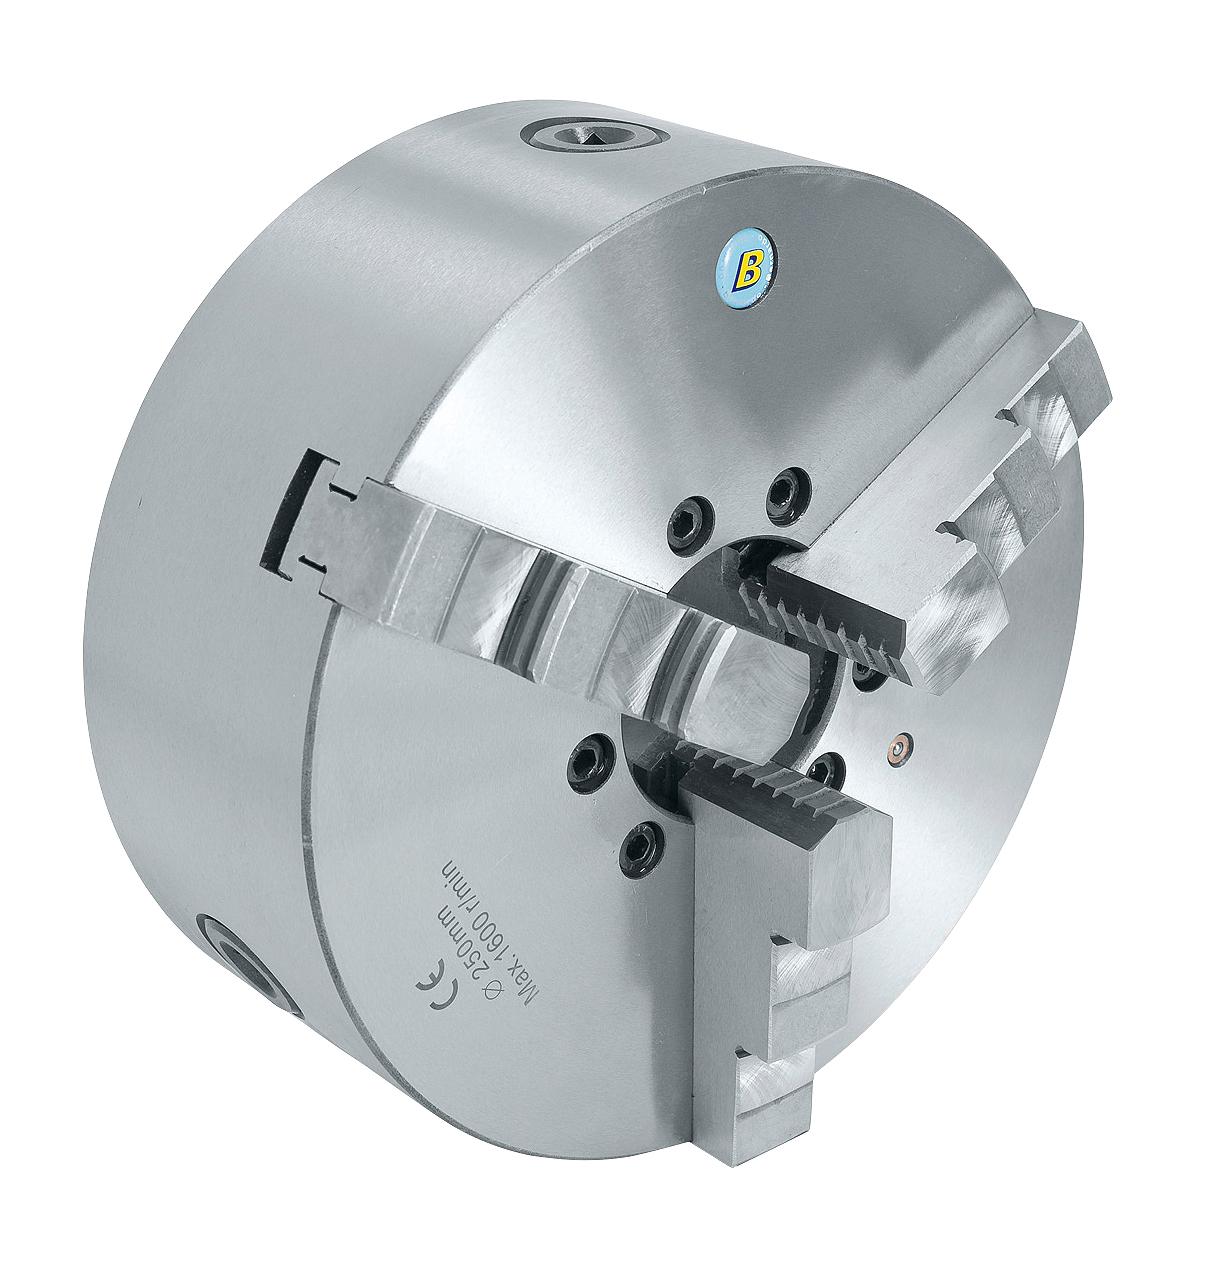 Uchwyt tokarski 3-szczękowy, precyzyjny, żeliwny, DK11-125 DIN 6350  BERNARDO